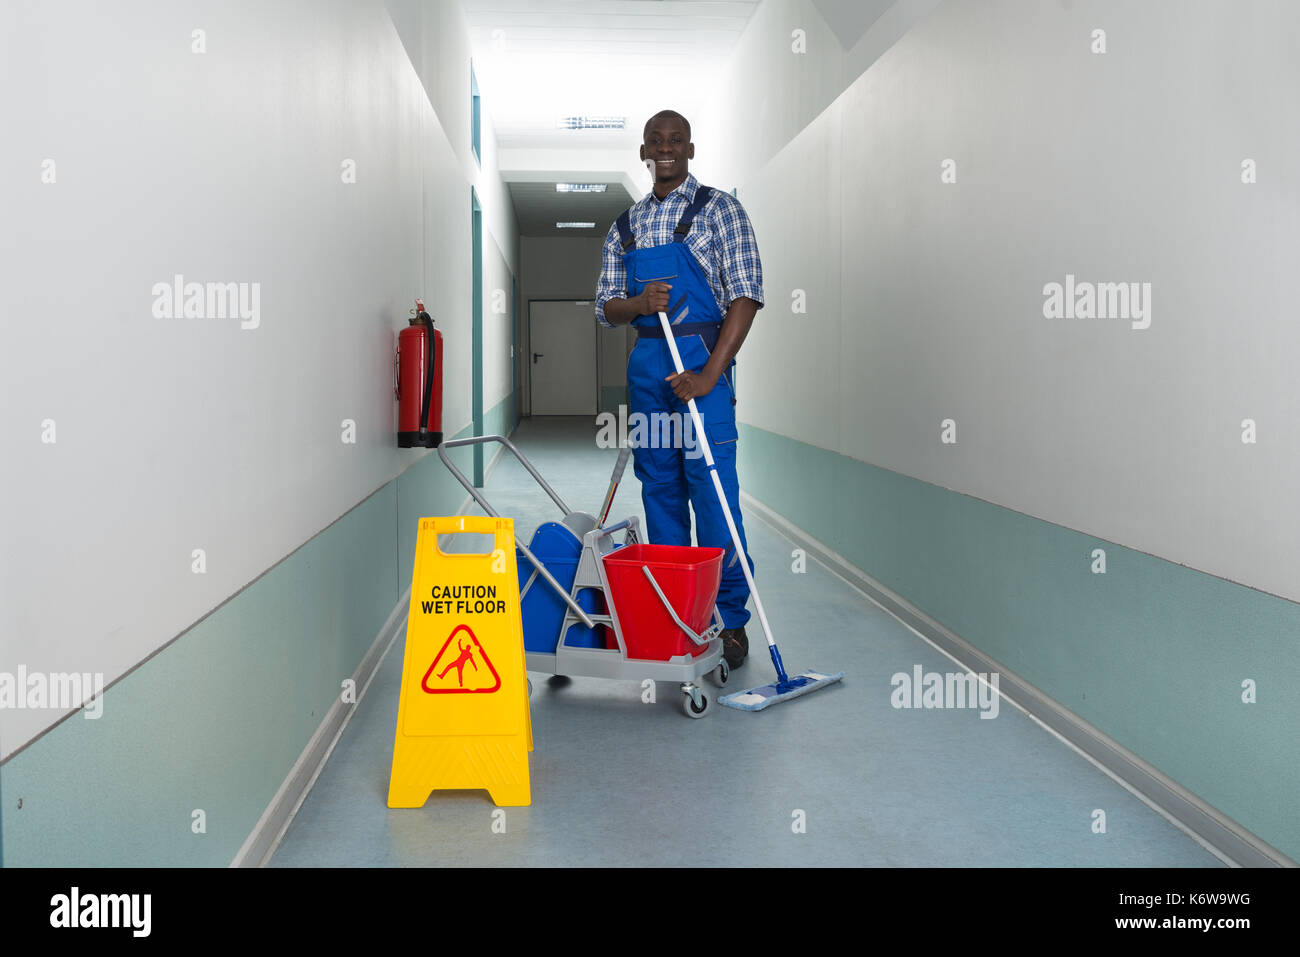 Wet Floor Accident Stock Photos Amp Wet Floor Accident Stock